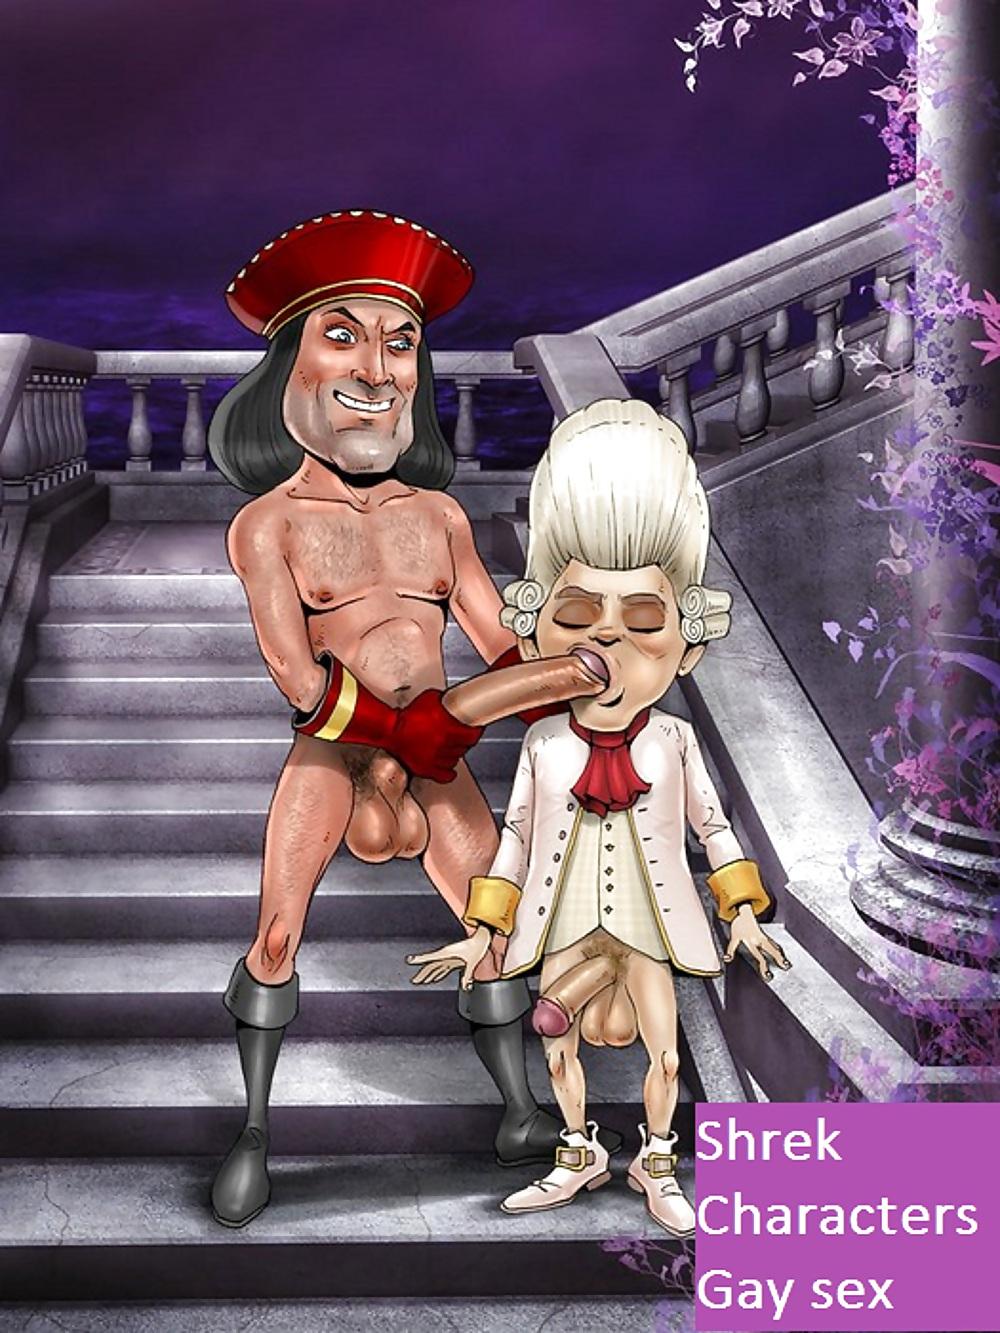 Gay shrek